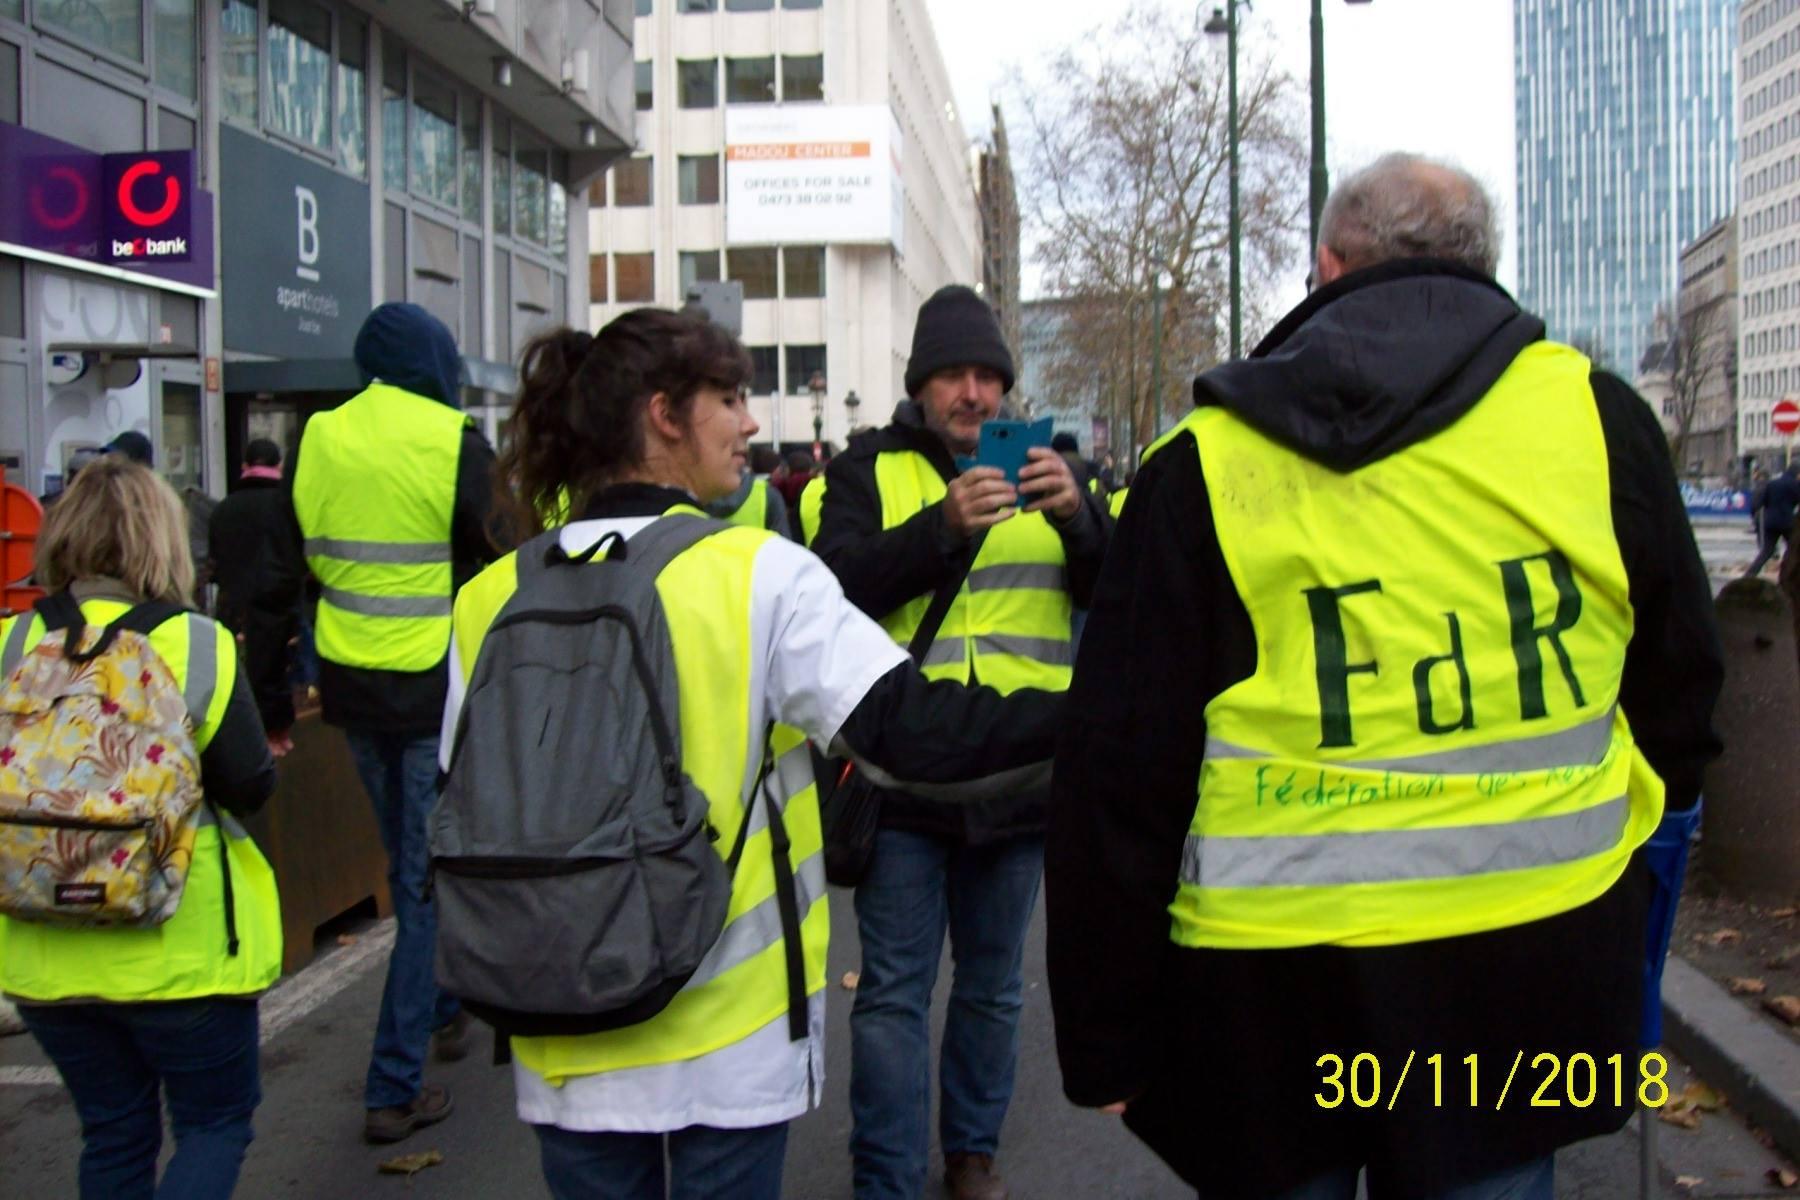 30 novembre 2018 près d'Arts-Loi à BXL (photo : A. Letecheur)